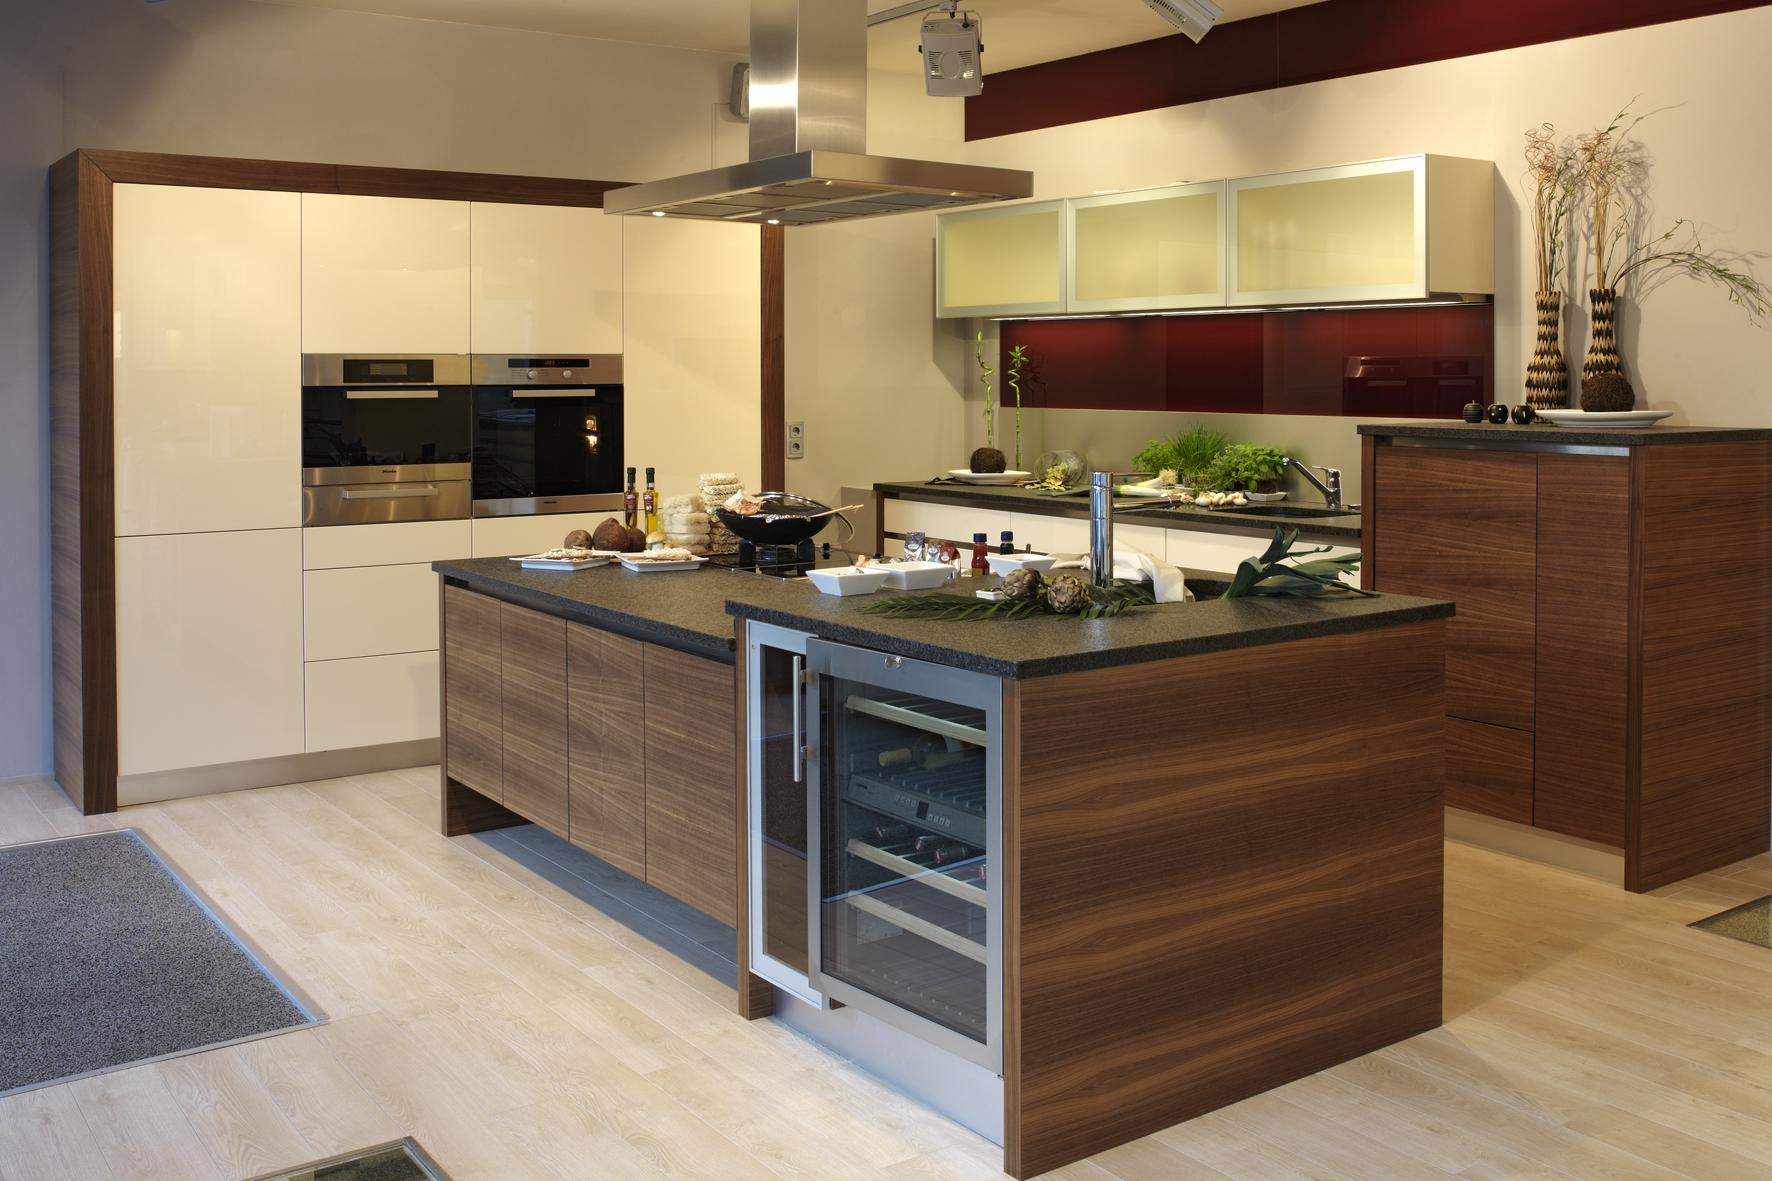 traumk che g nstig dekoration inspiration innenraum und. Black Bedroom Furniture Sets. Home Design Ideas